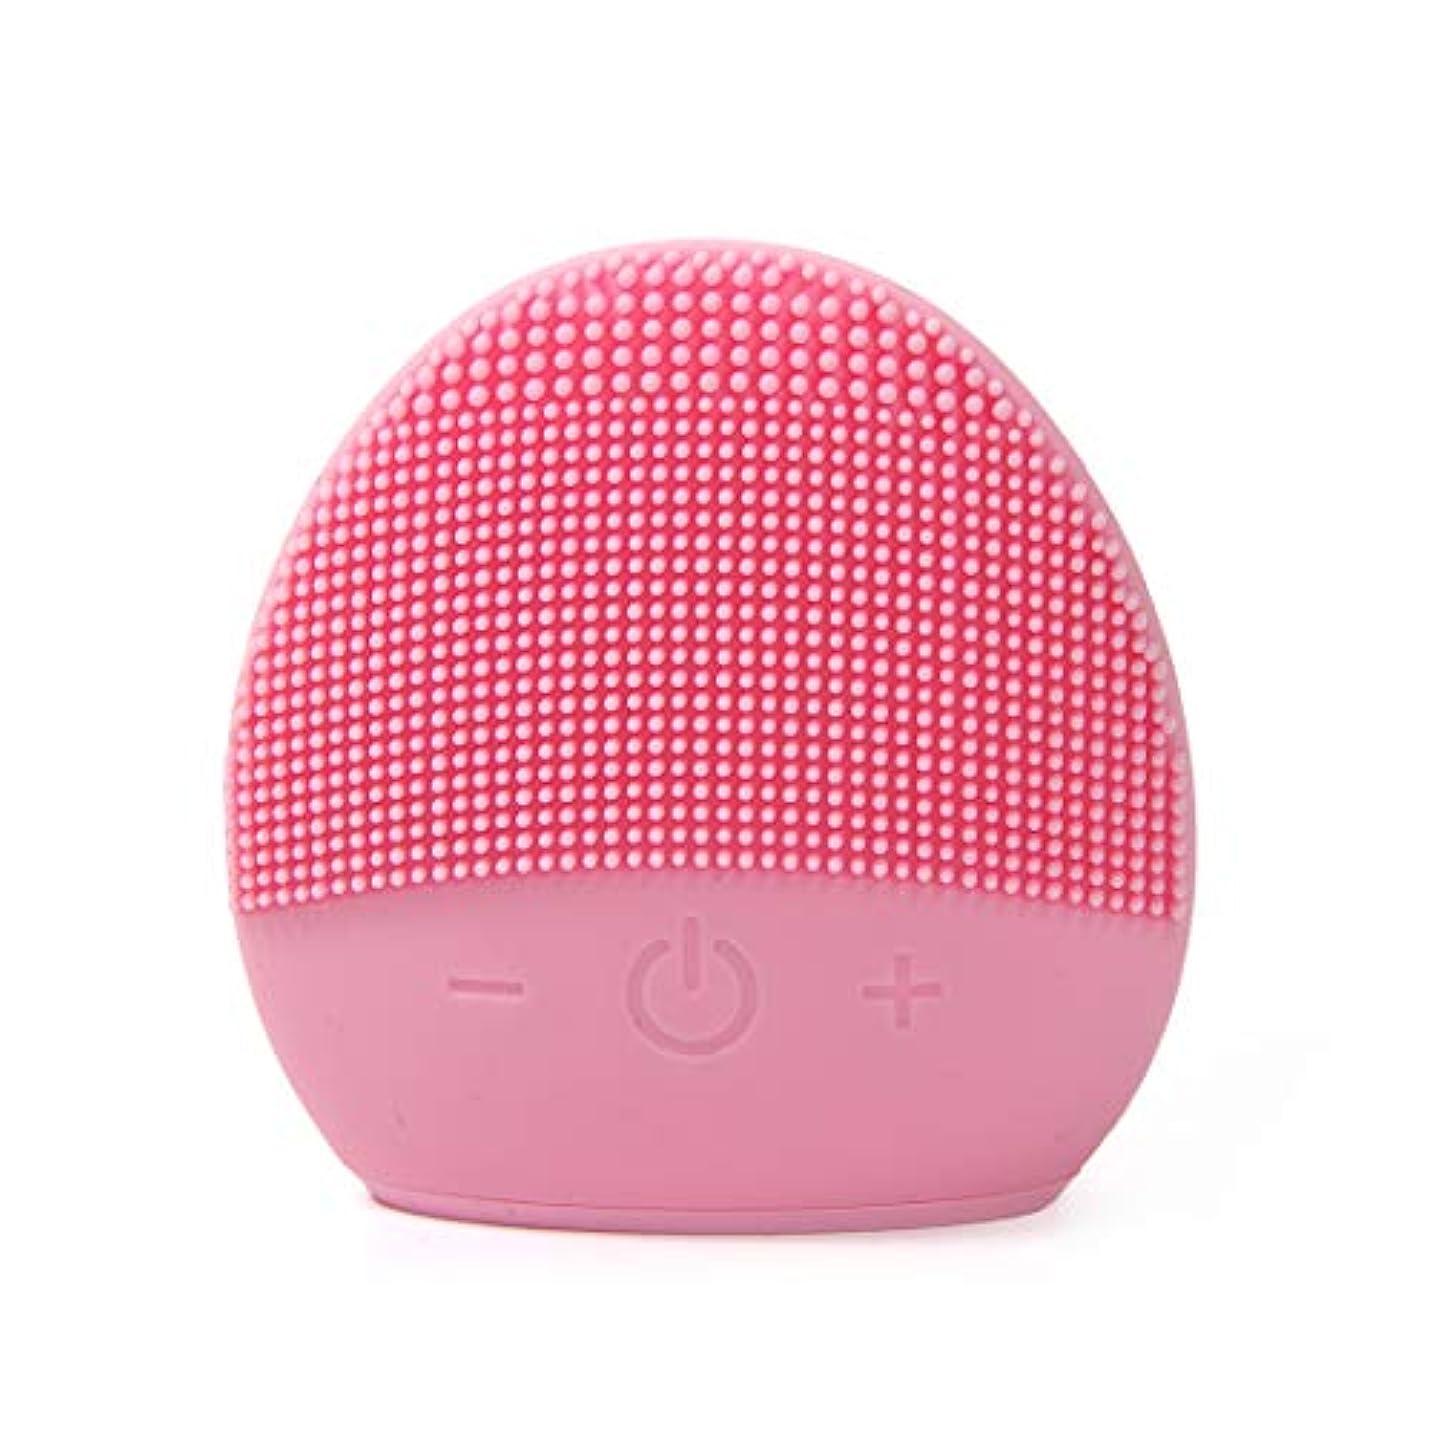 容量レルム賭けミニシリコーンクレンジングブラシ - すべての肌タイプのためのFEITA防水シリコーンクレンザーと電気マッサージシステム(ピンク)